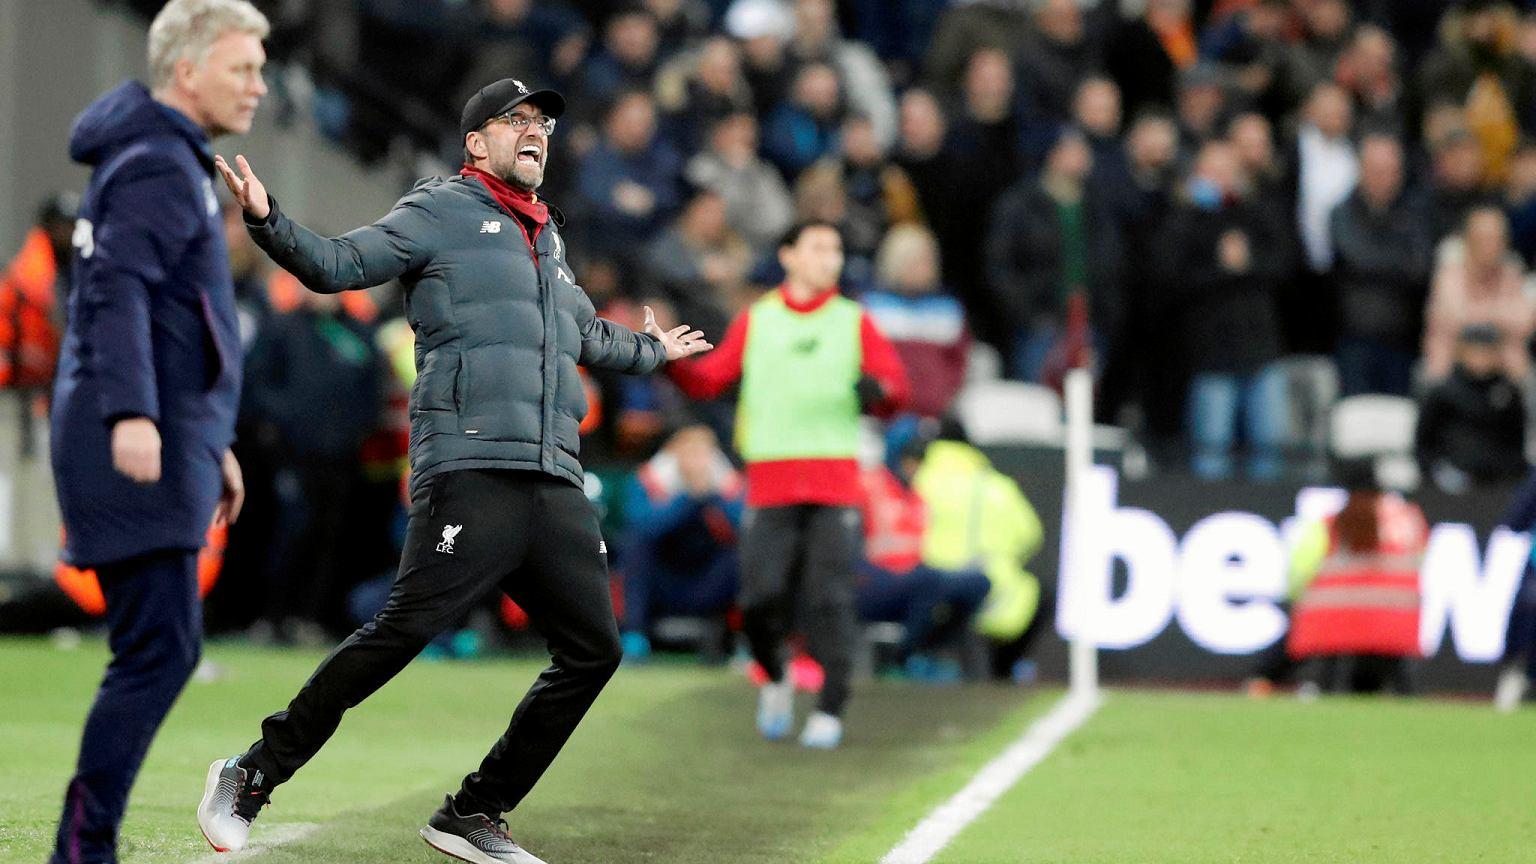 Liverpool F.C. - West Ham United gdzie i o której obejrzeć spotkanie? Transmisja TV, stream, na żywo, 24.02 Piłka nożna - Sport.pl